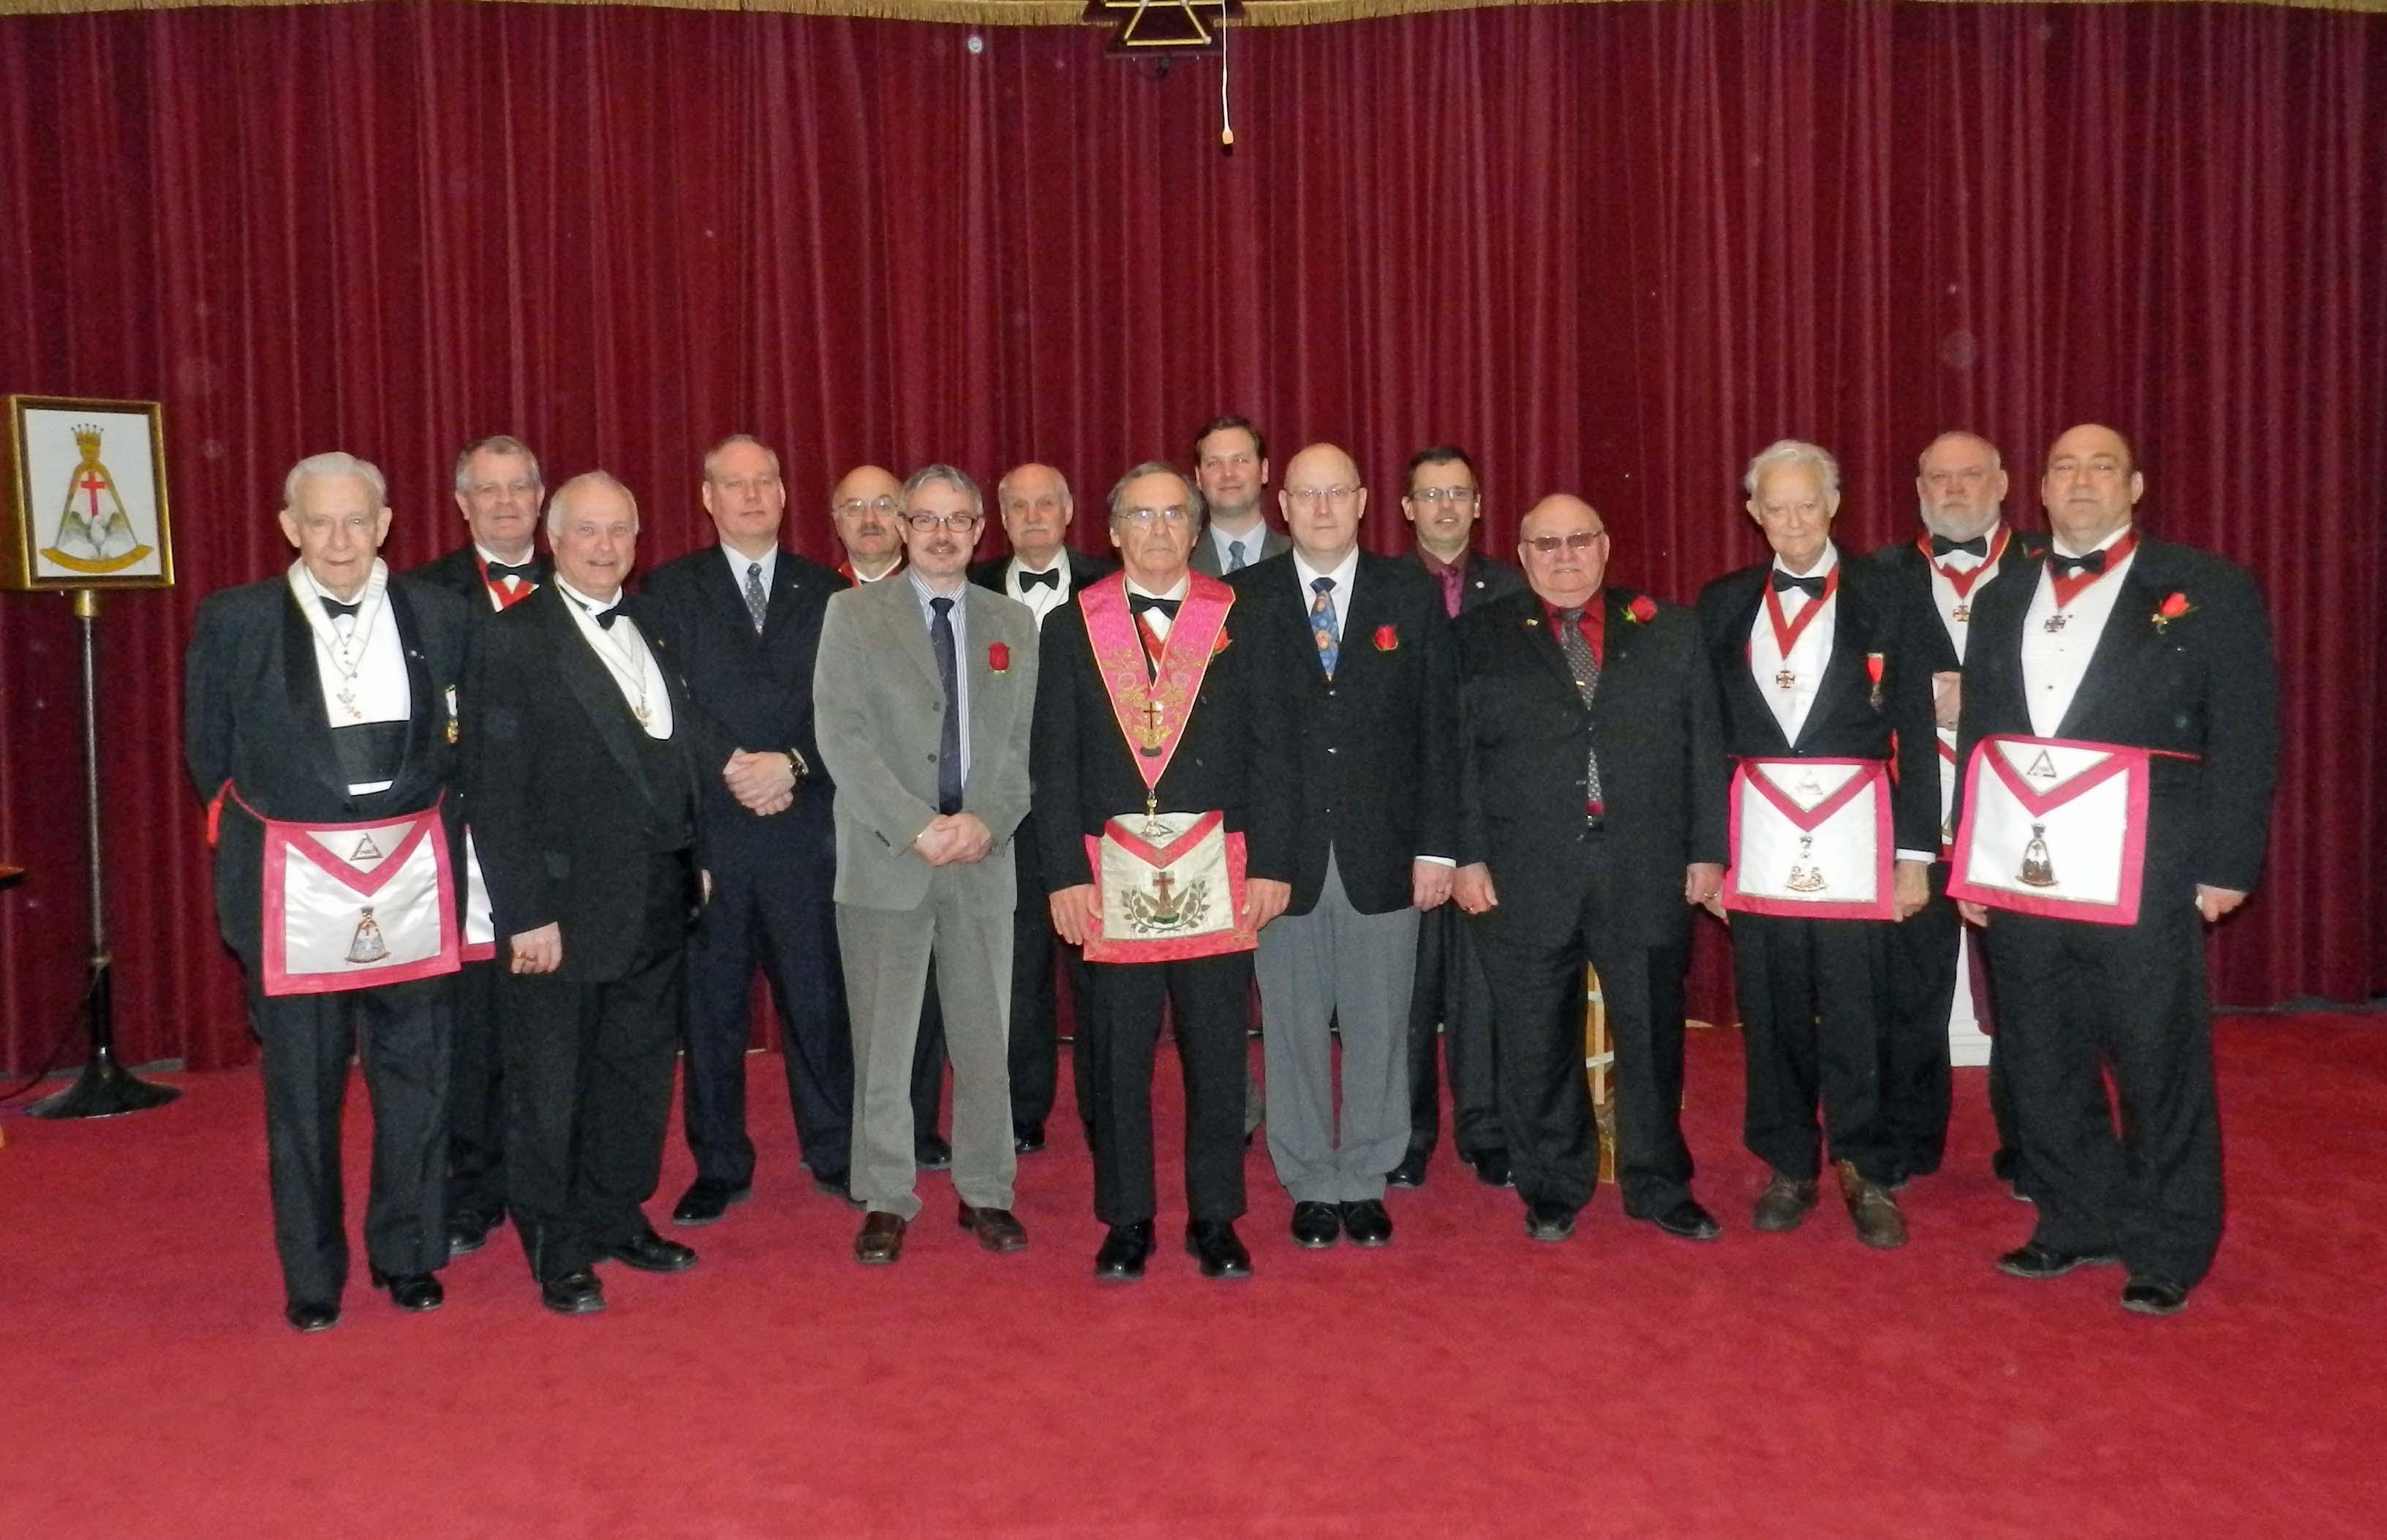 18th Degree Ottawa Valley Scottish Rite